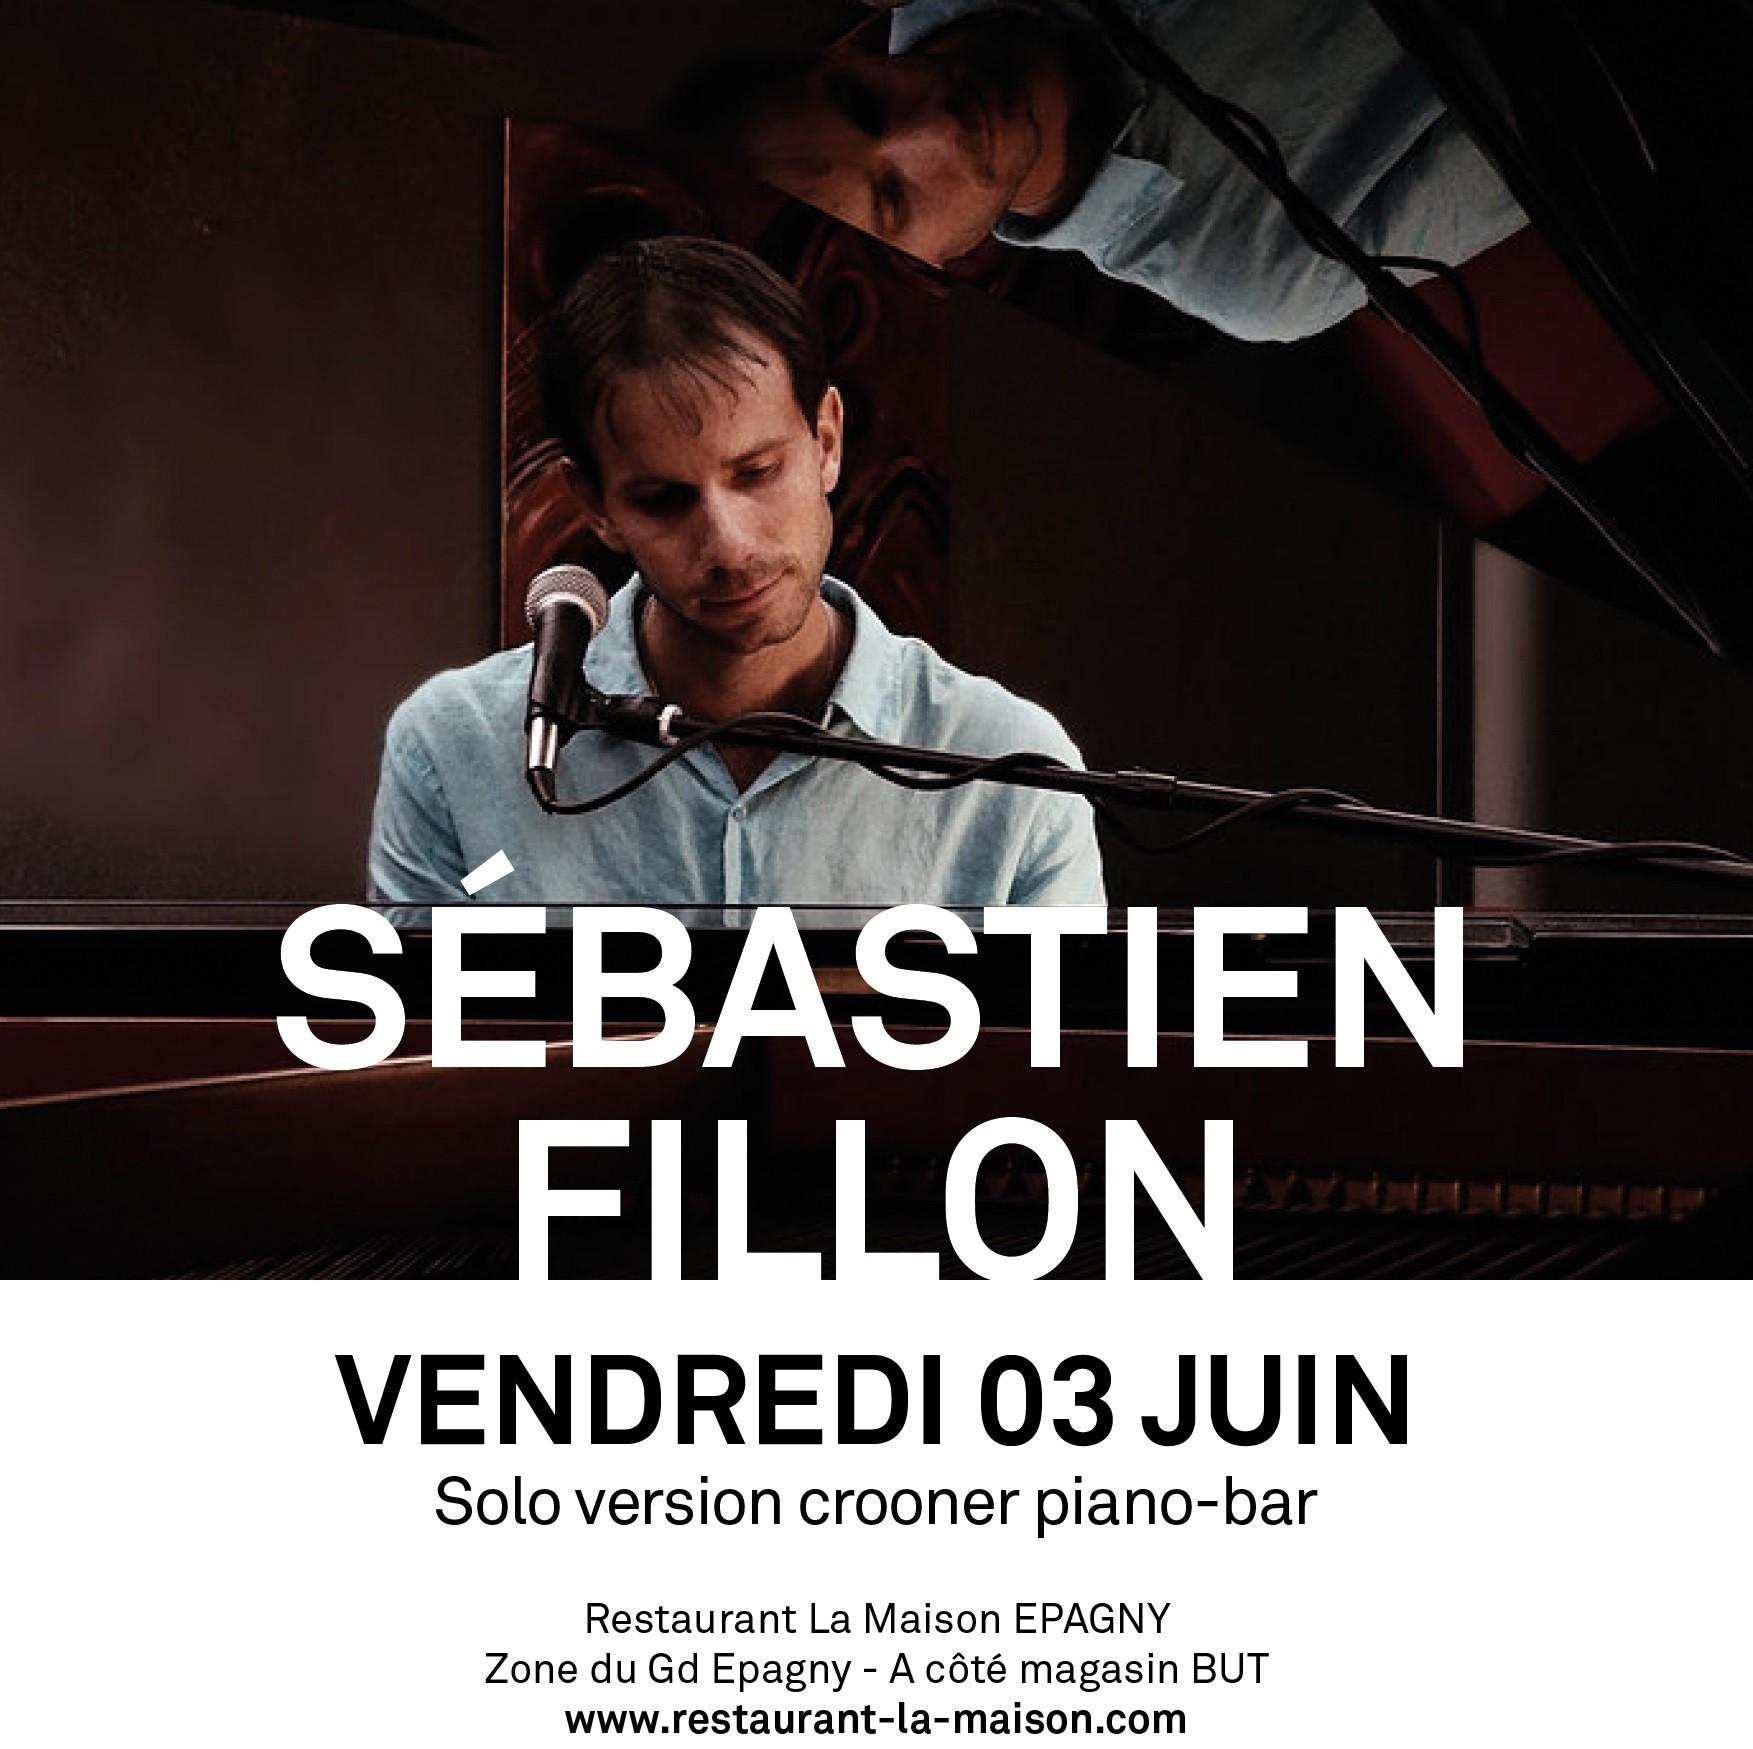 Concert de Sébastien Fillon